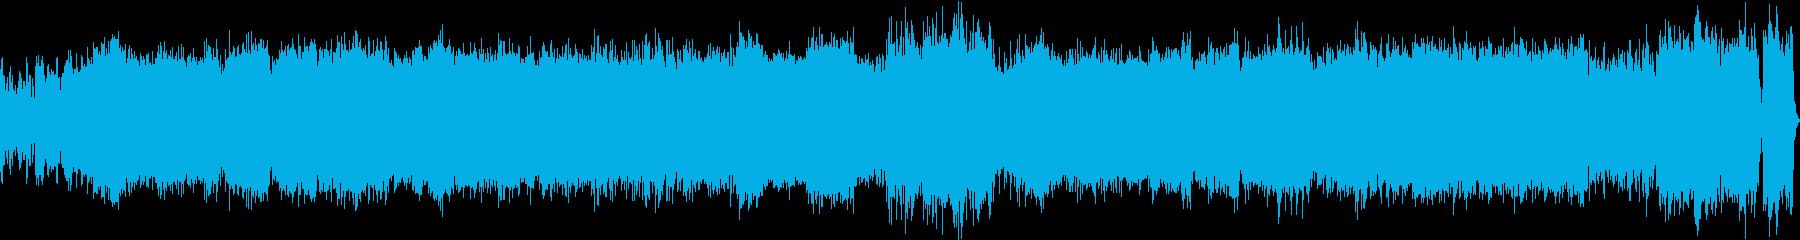 ゴシックなキャラクターのテーマのBGMの再生済みの波形